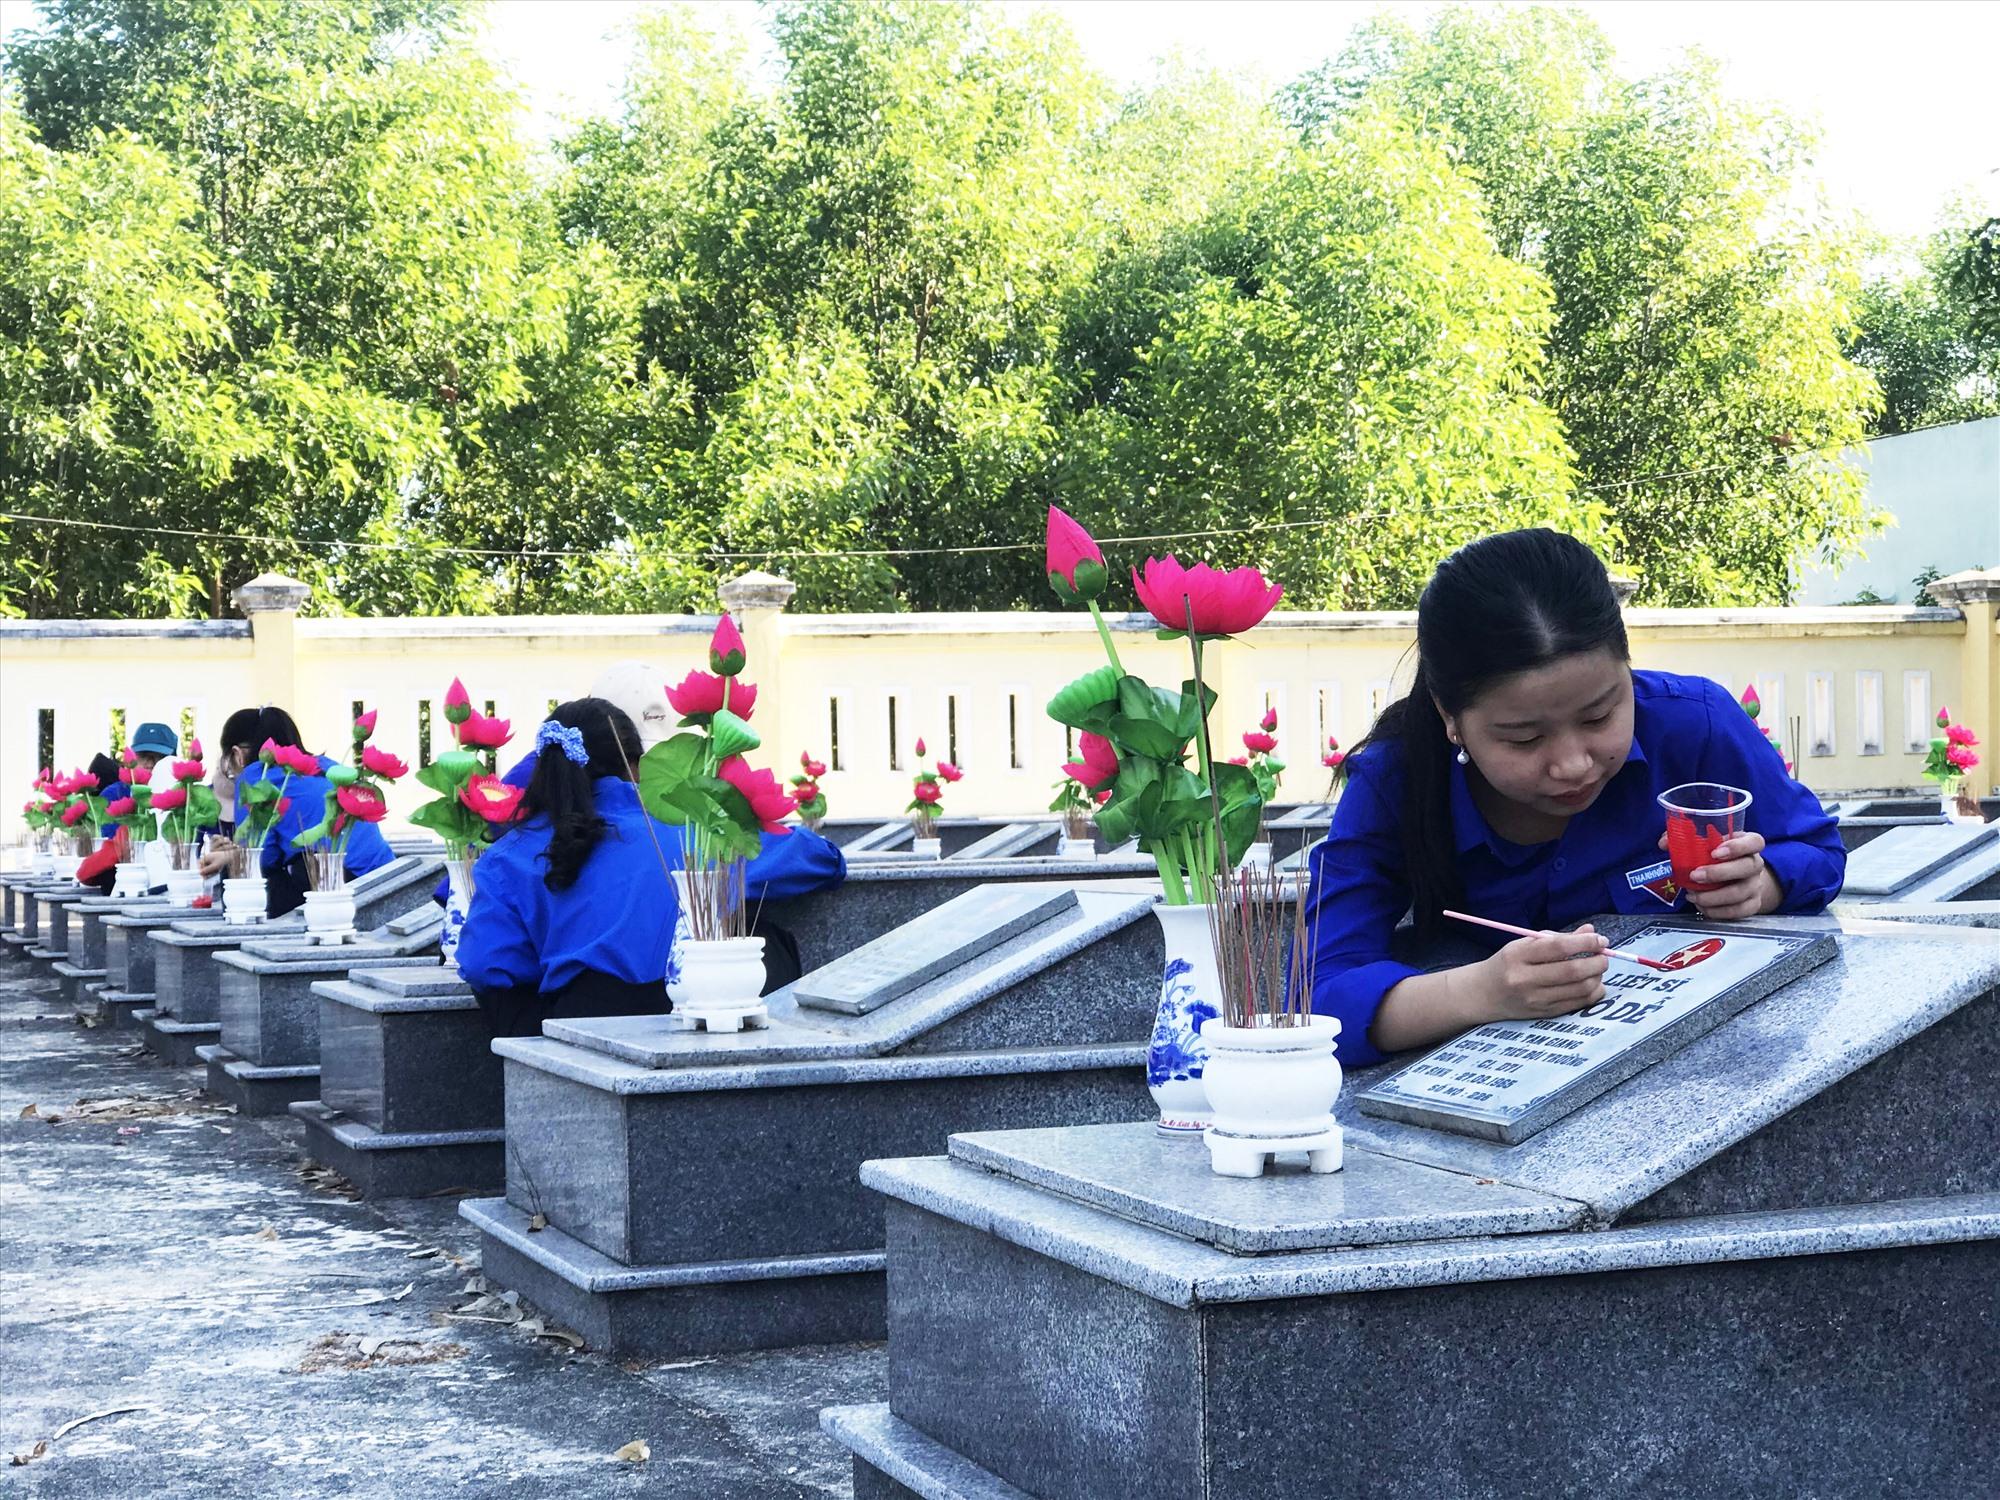 Sơn lại biểu tượng cờ Tổ quốc trên phần mộ tại Nghĩa trang liệt sĩ xã Tam Giang (Núi Thành). Ảnh: THÁI CƯỜNG